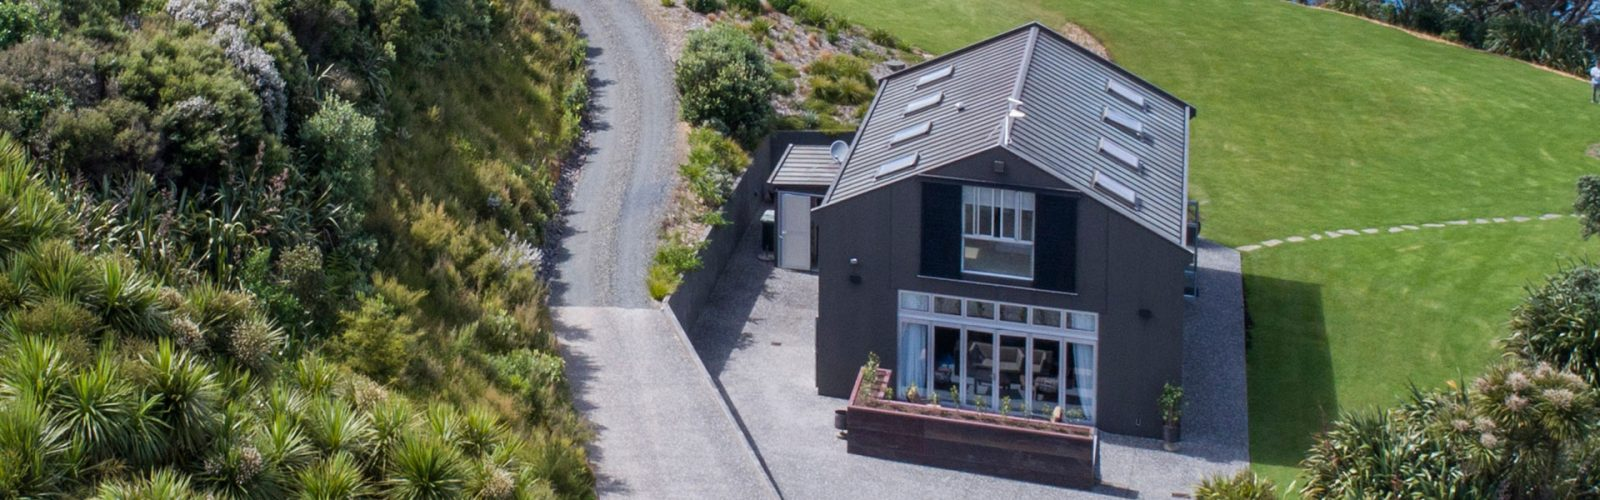 Te Whara, Kauri Mountain Renovation - Header Image